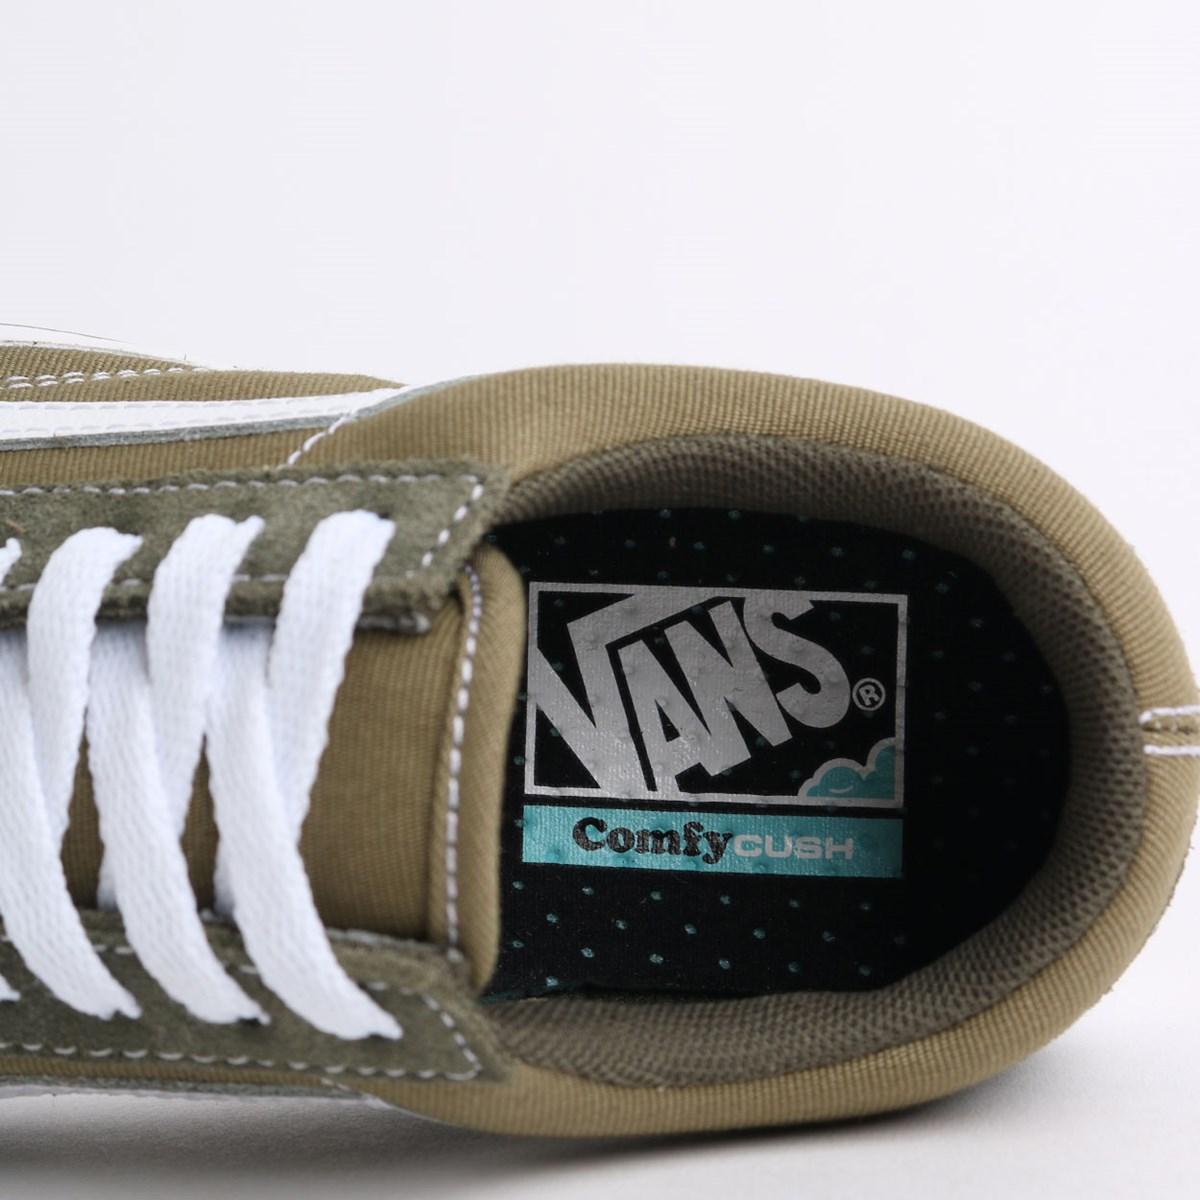 Tênis Vans Comfycush Old Skool Suede Textile Grape Lead VN0A3WMAWX3